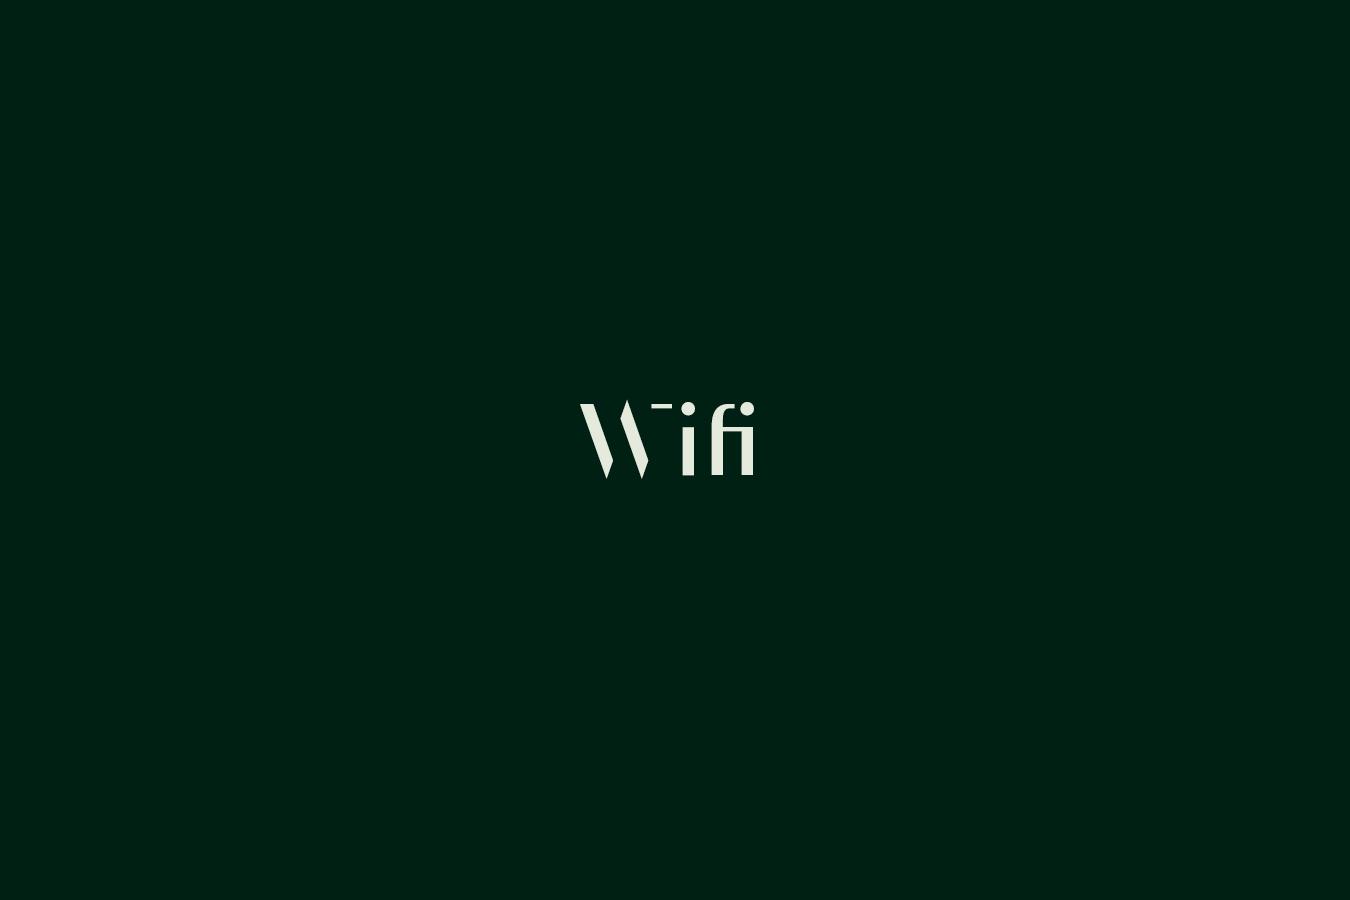 domaine-de-ronchinne-a-propos-infos-pratiques-wifi-01.jpg